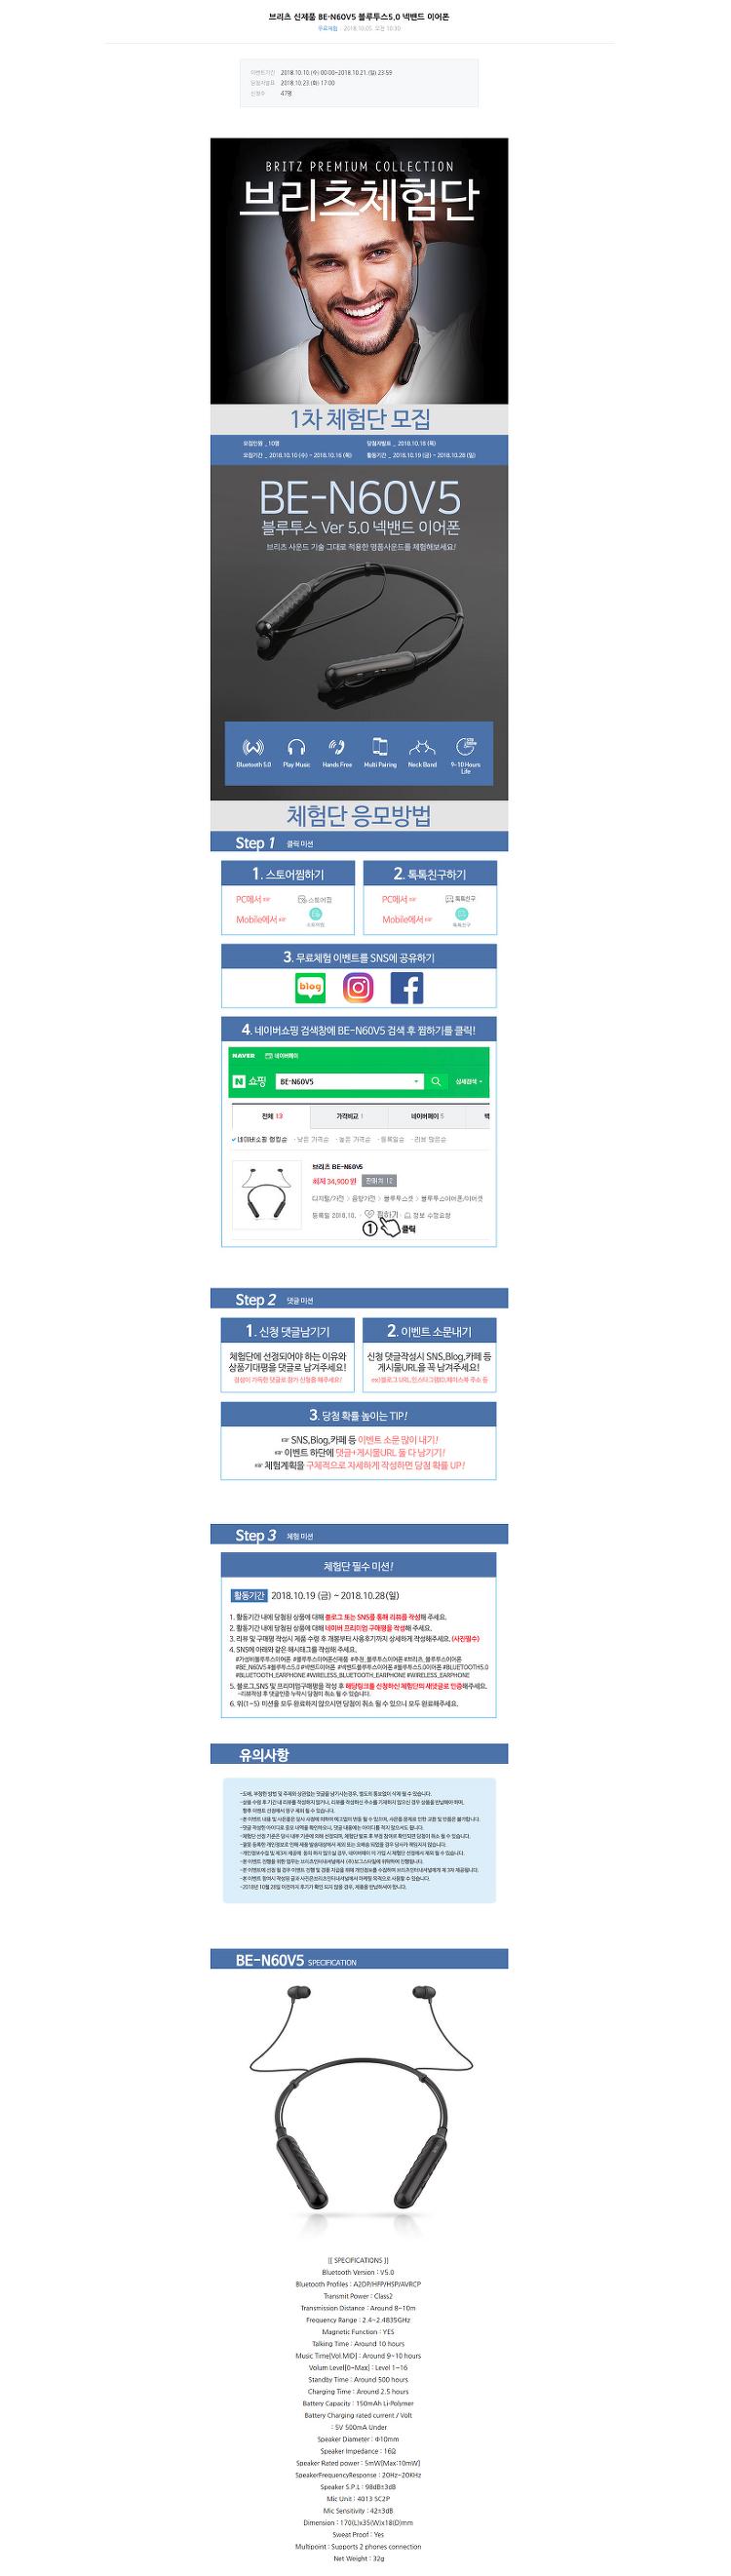 [체험단모집] 브리츠 신제품 BE-N60V5 블루투스 5.0 넥밴드 이어폰